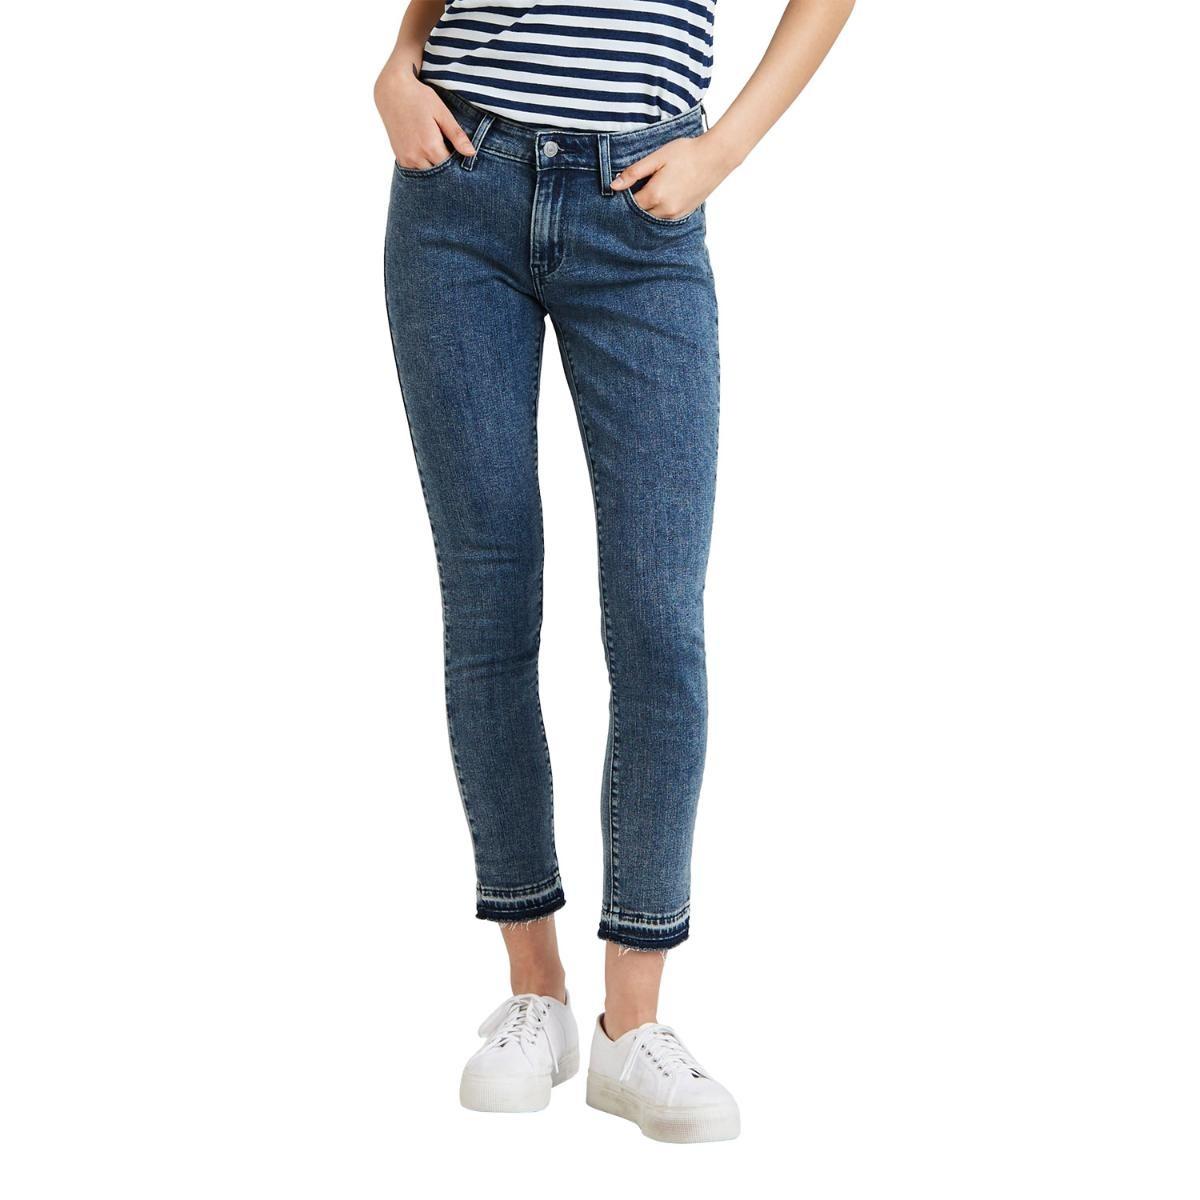 4c85fee7b0445 calça jeans levis feminino 711 skinny média. Carregando zoom.